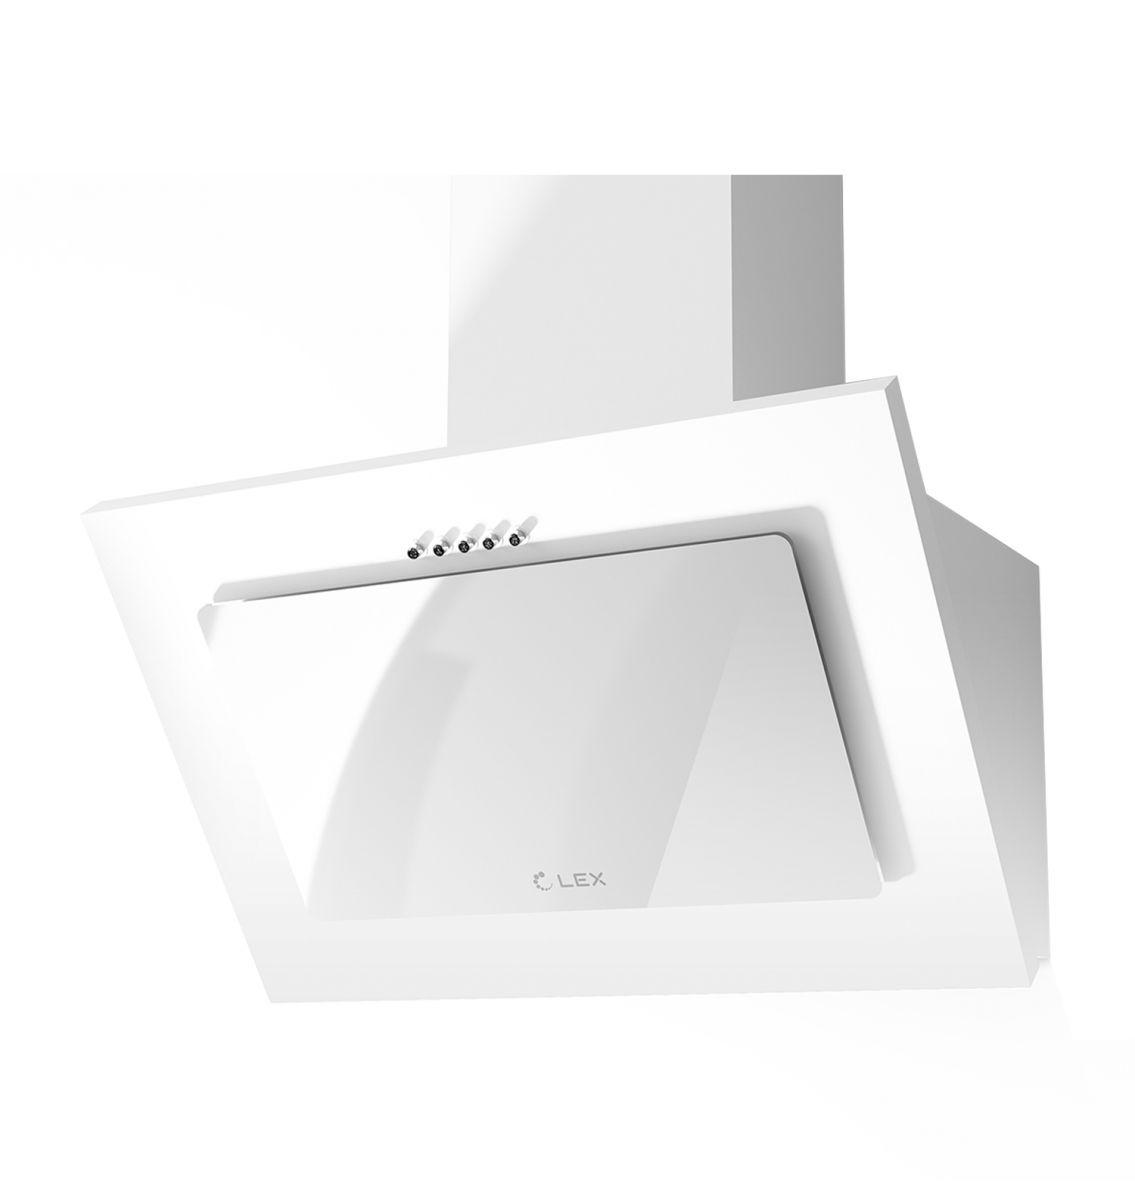 LEX MIKA 600 White